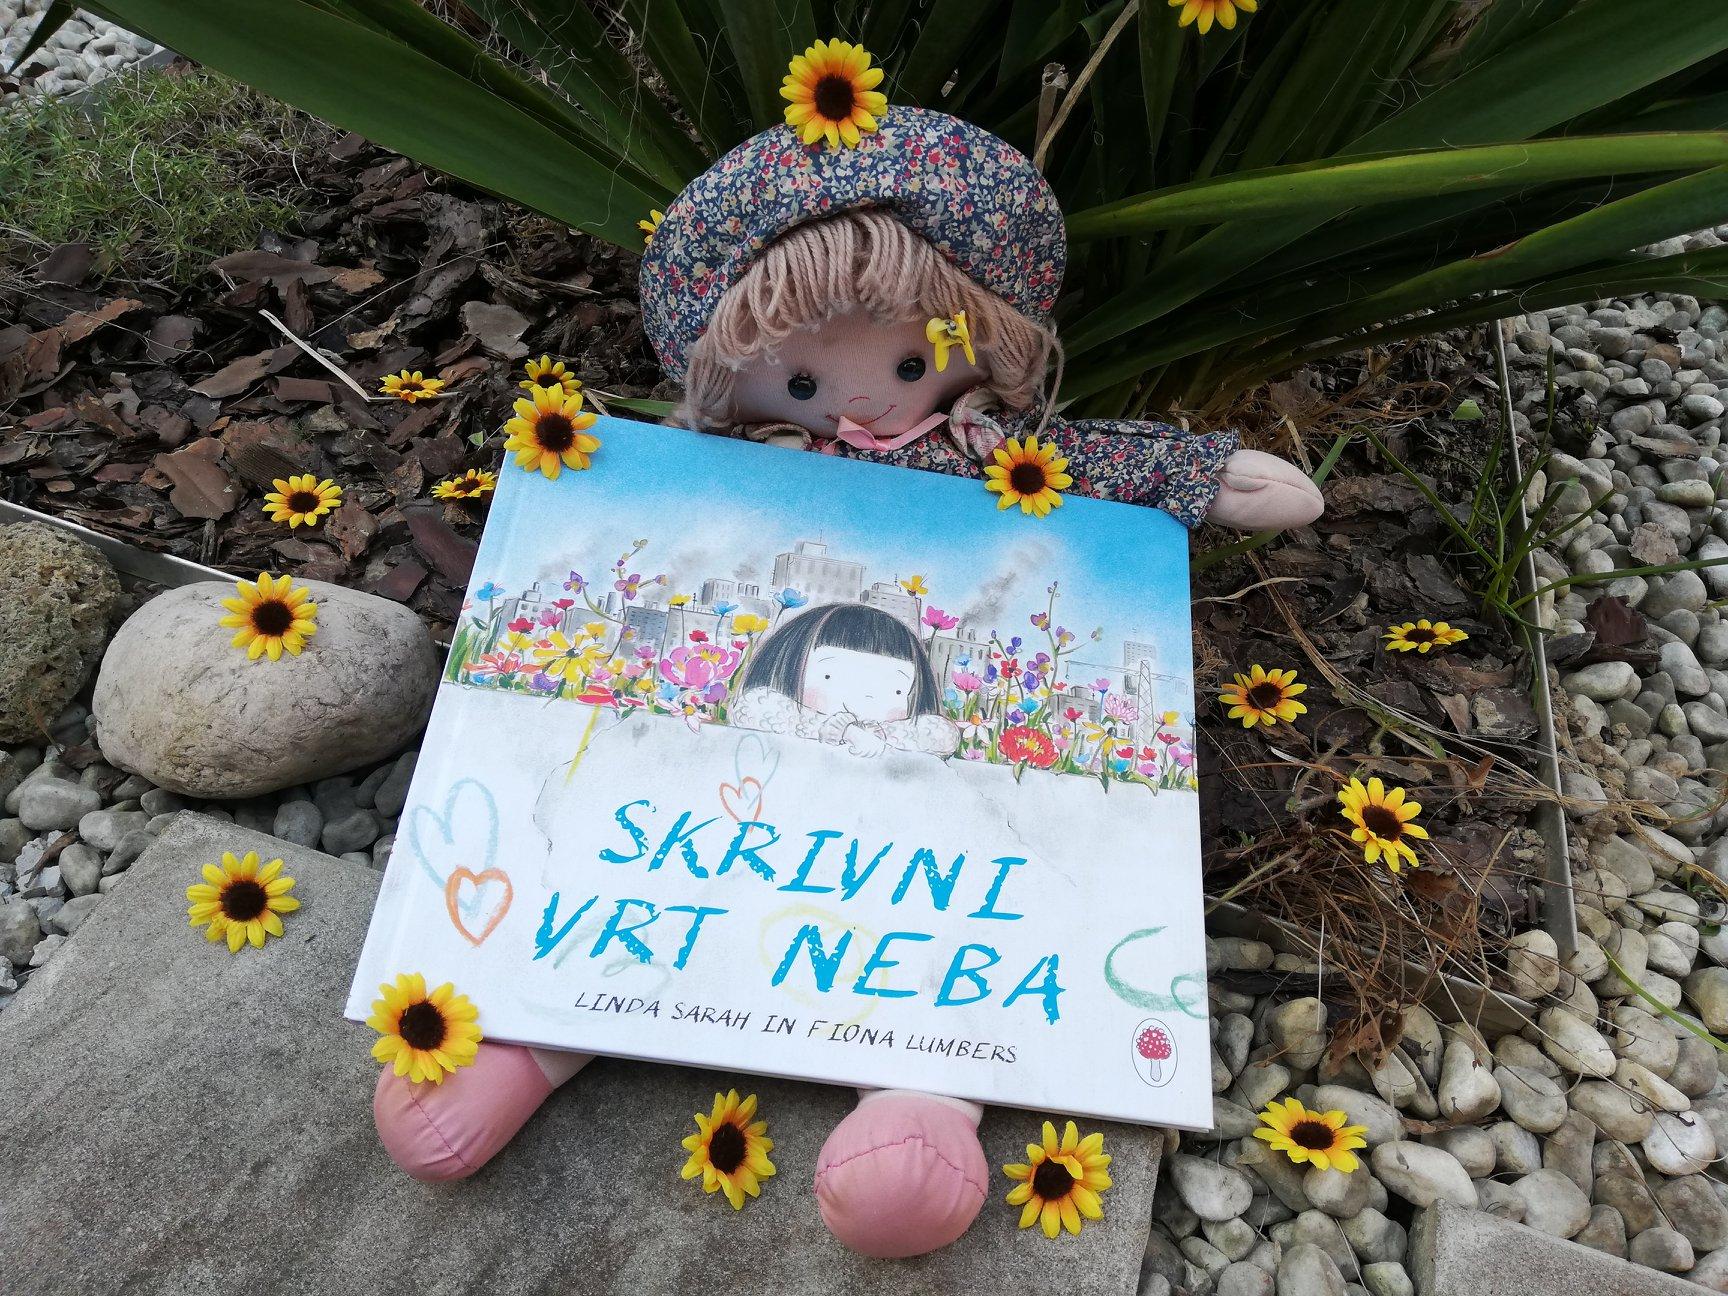 Recenzija, Skrivni vrt neba, mag. Maja Črepinšek, Moj malček, Novo na knjižnih policah